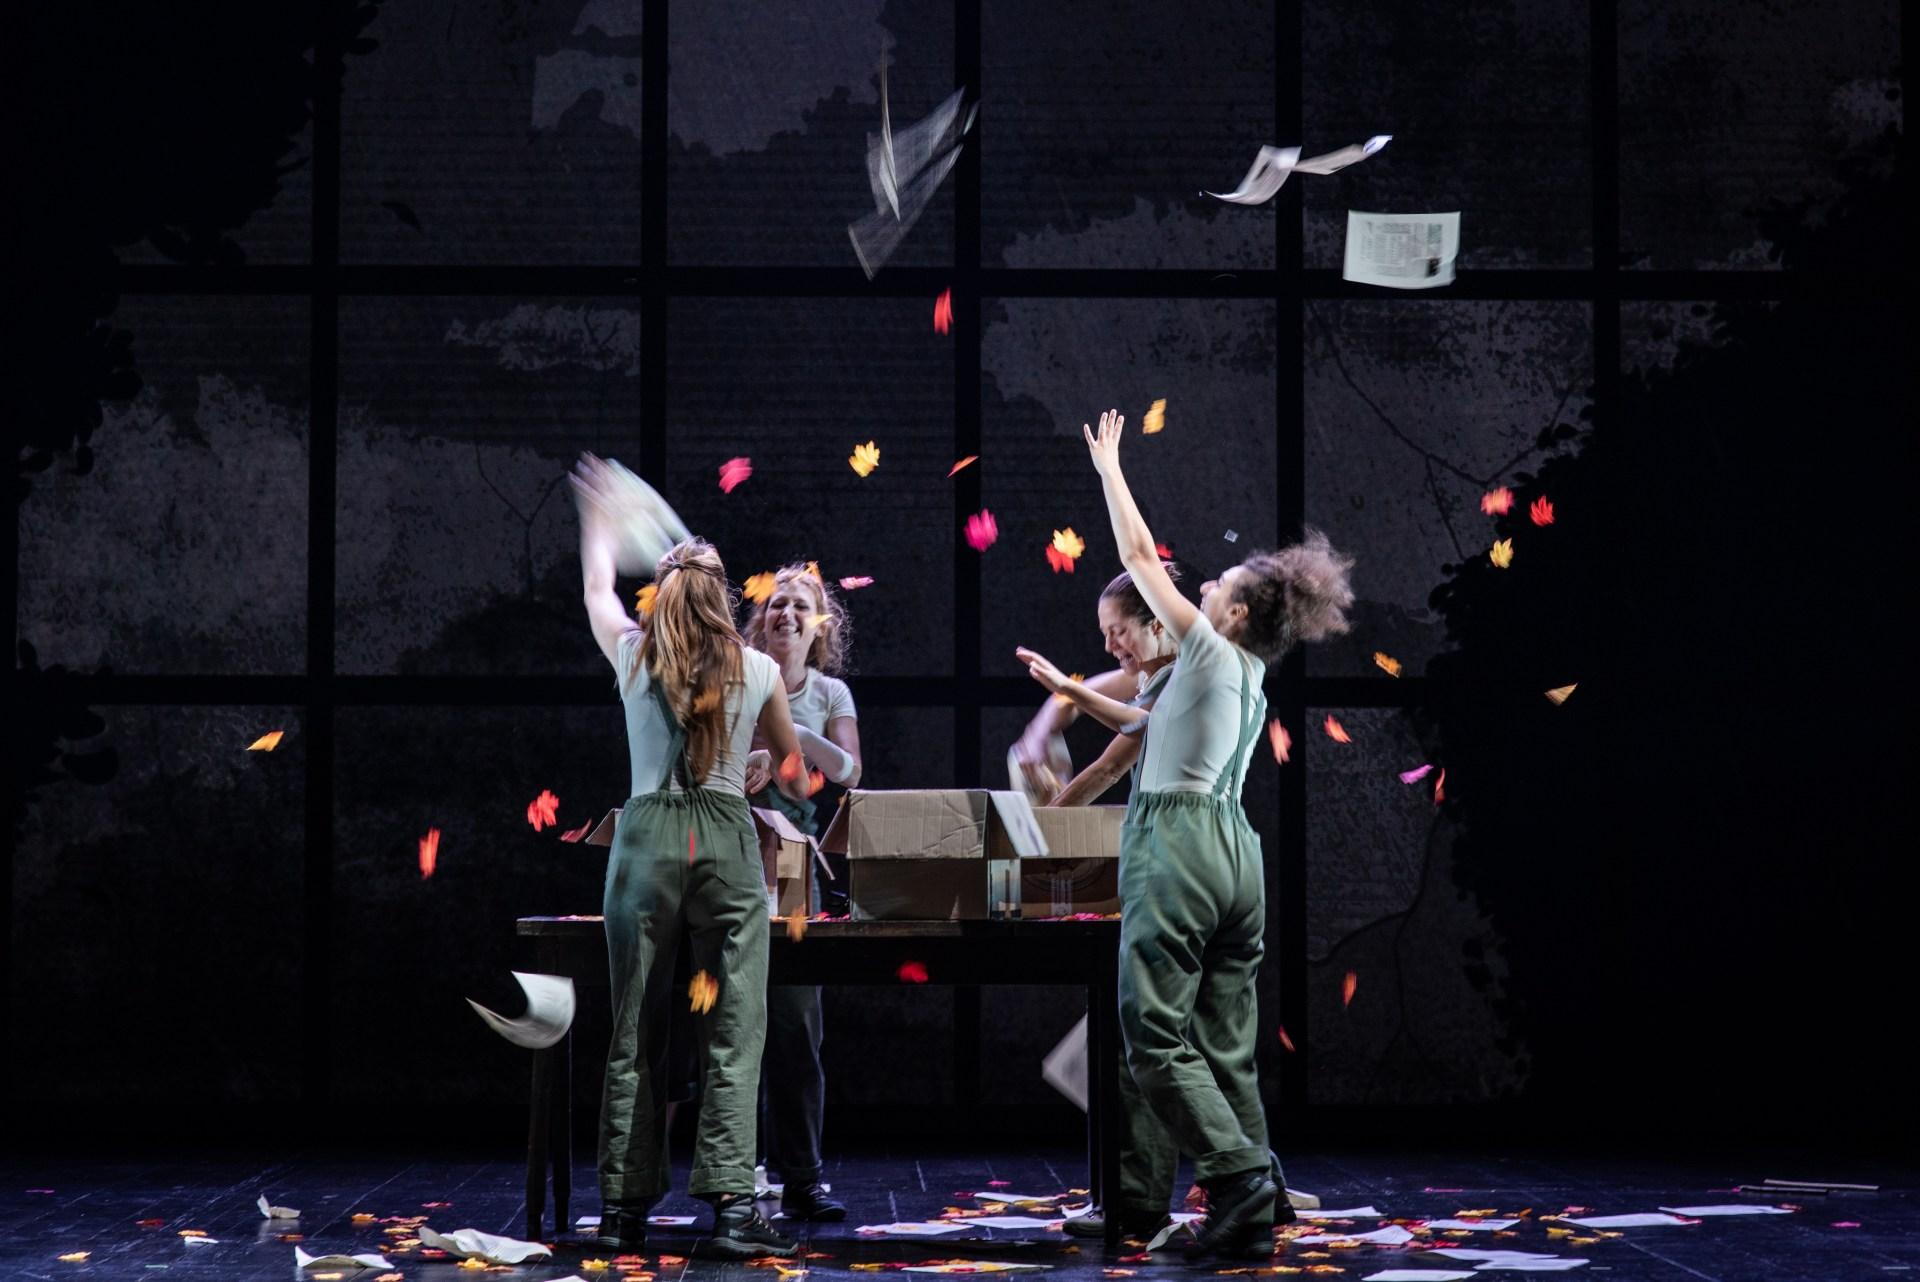 teatro-nazionale-genova-20